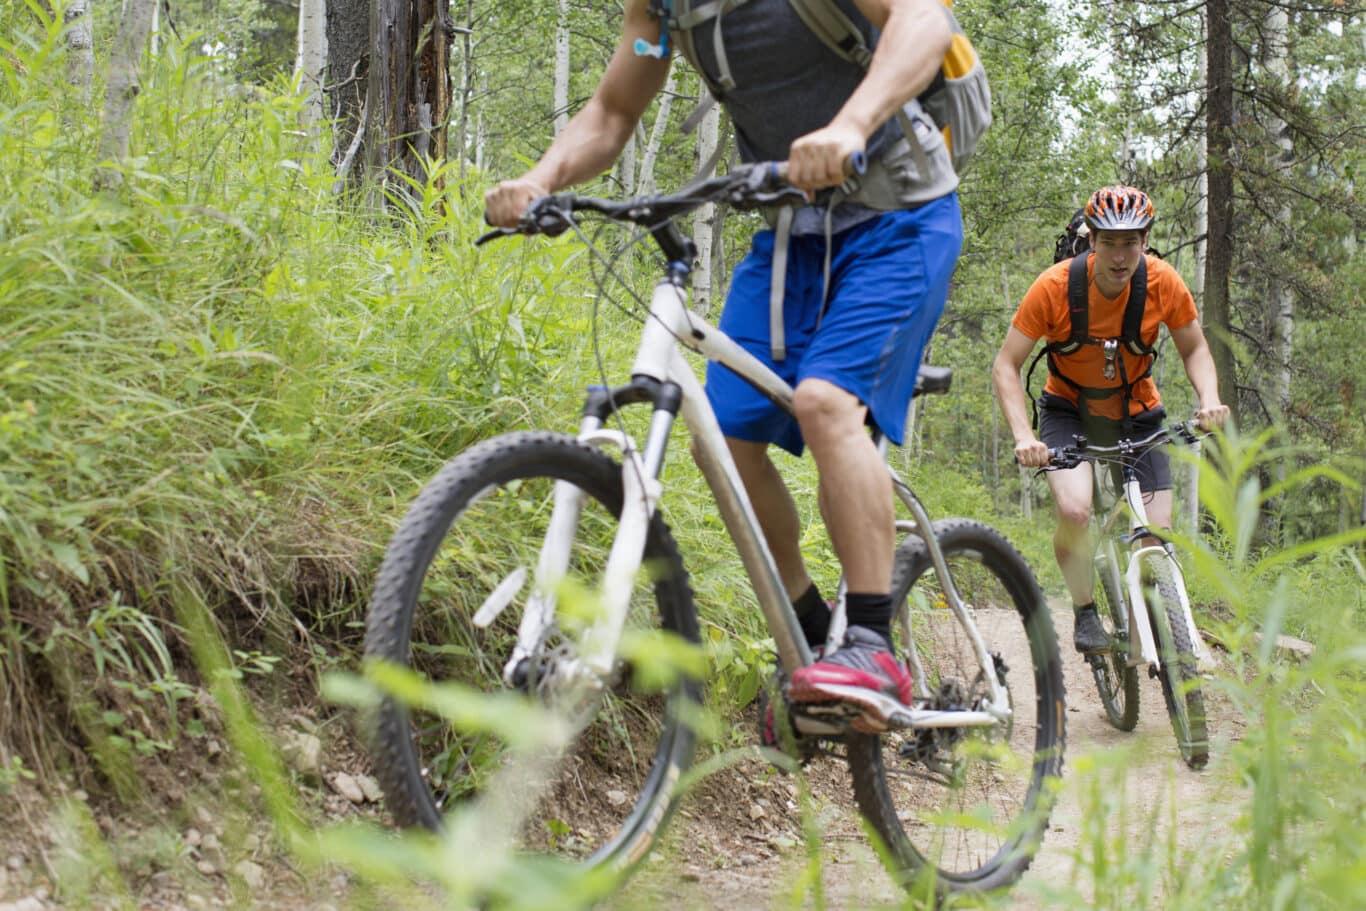 Mountain Bike Trail Riding at CYAG